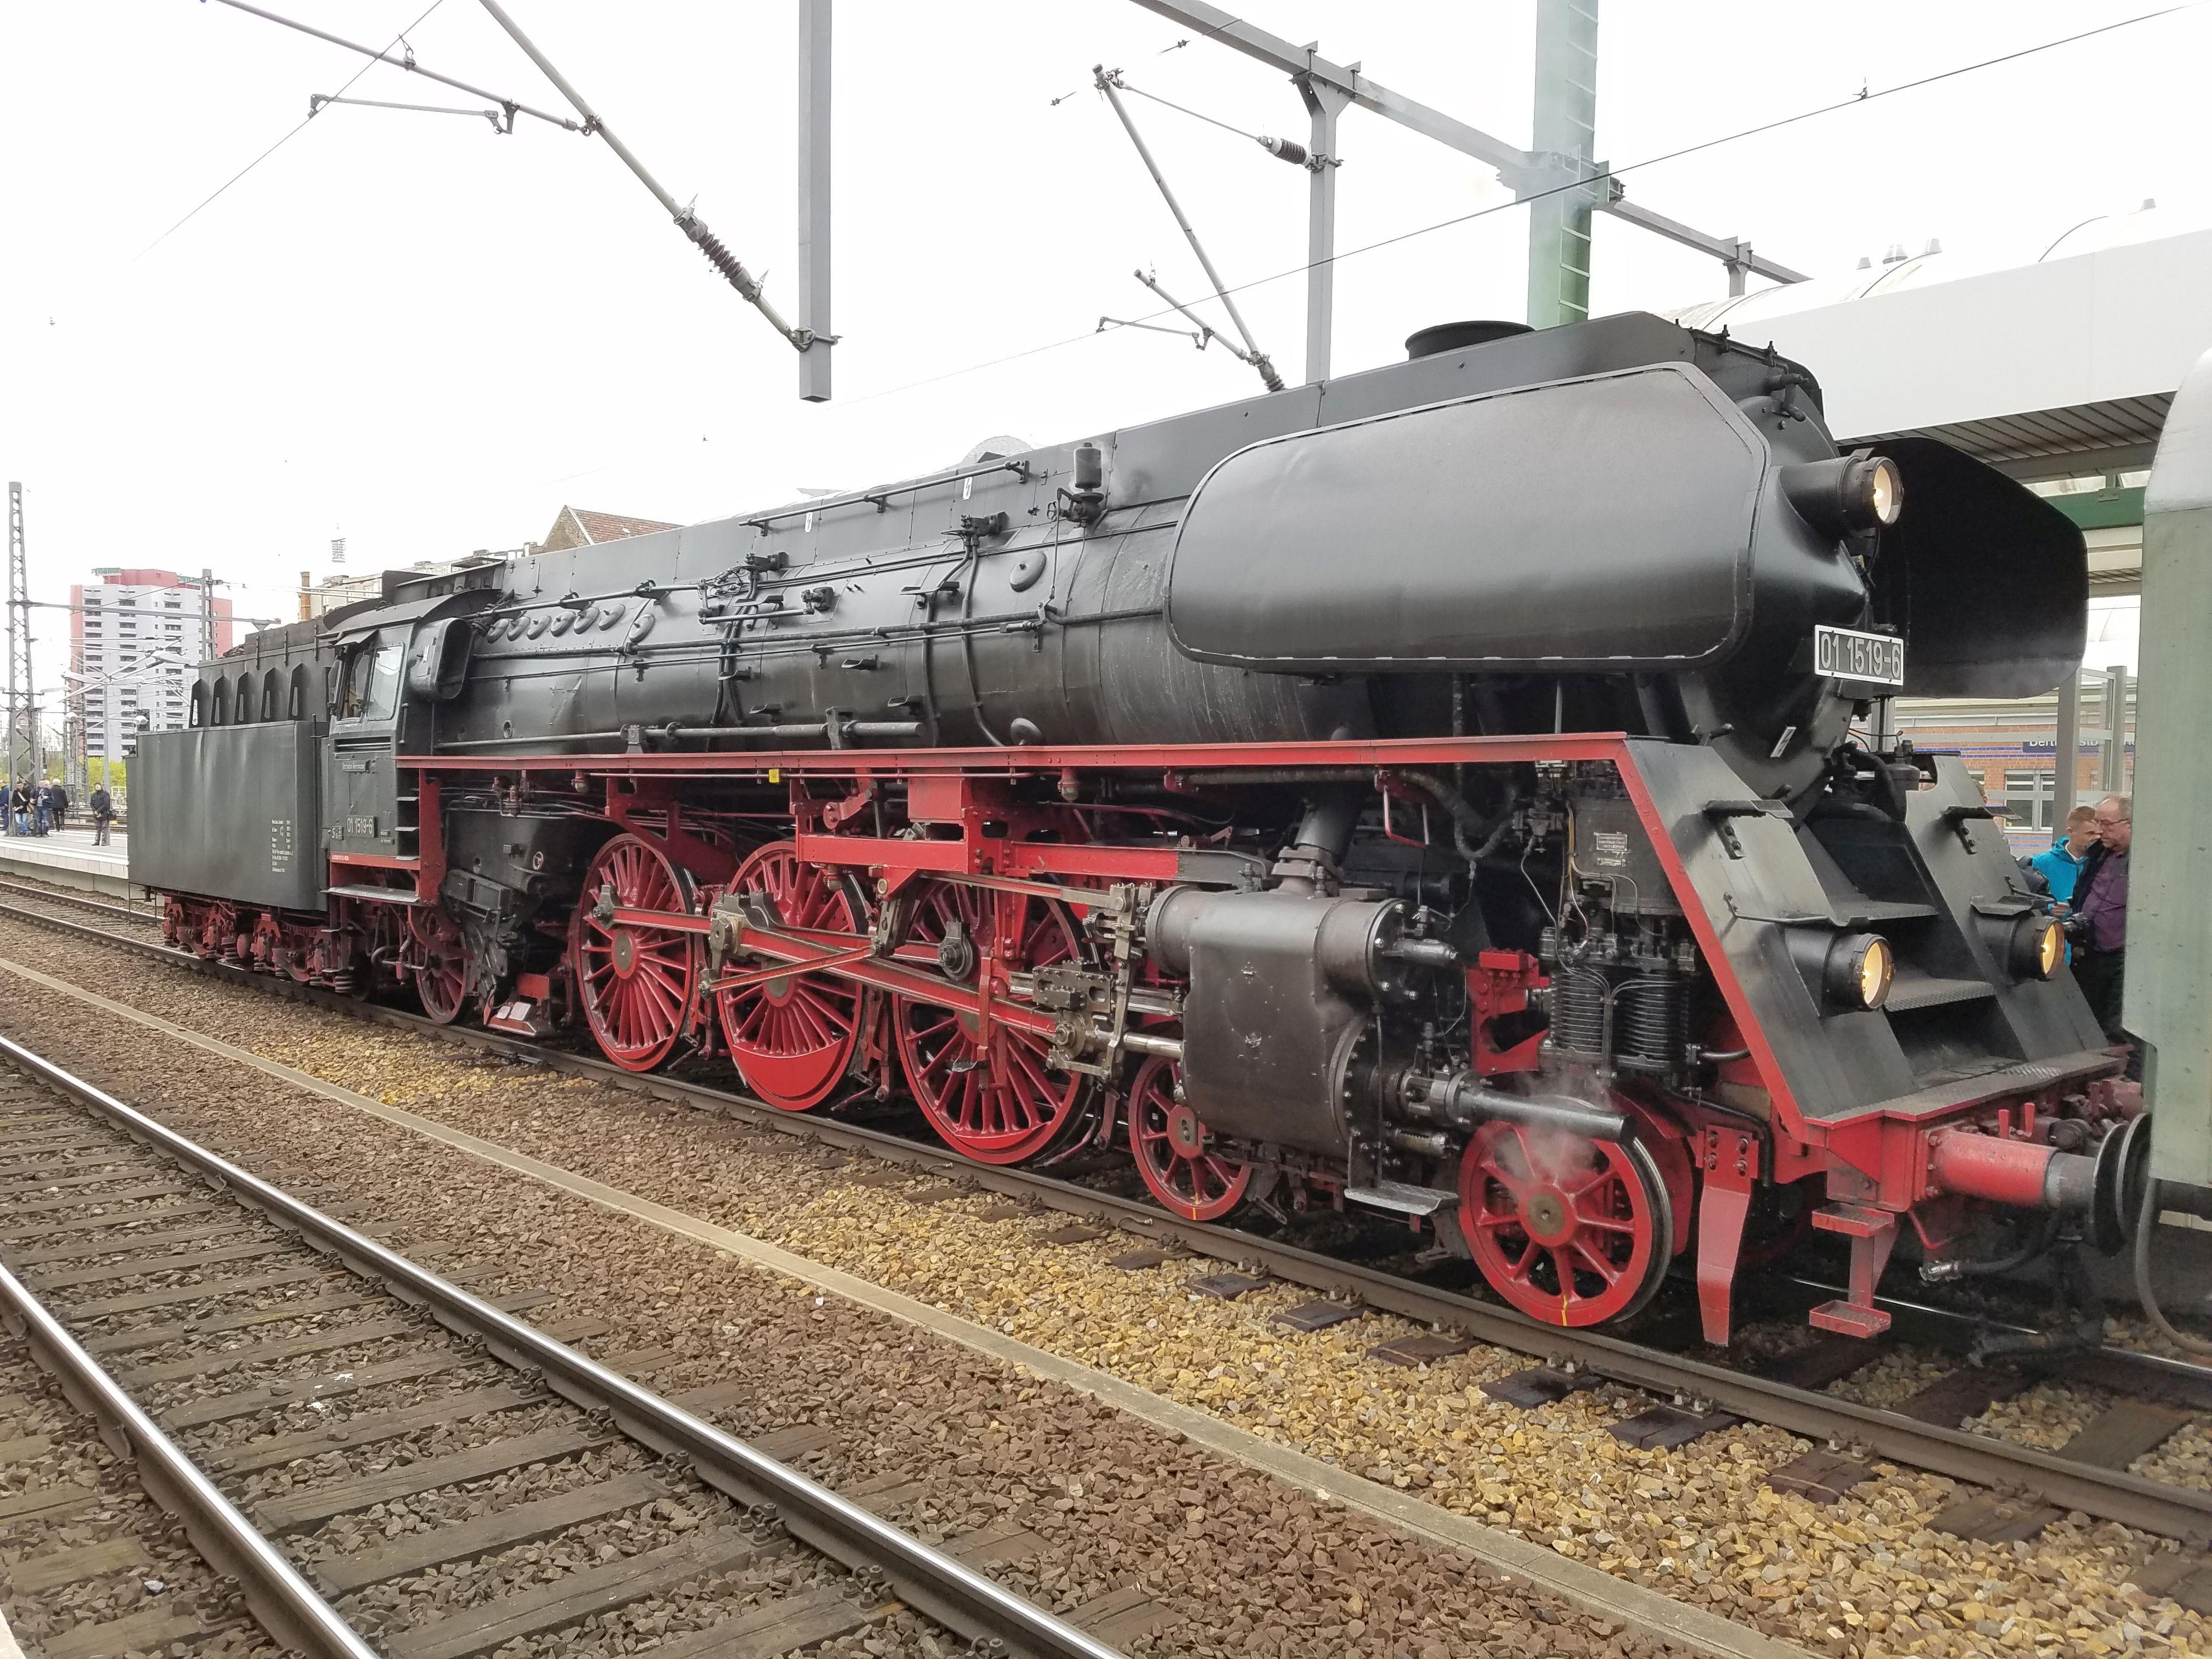 Dampflok 01 1519 Berlin Ostbahnhof 2017